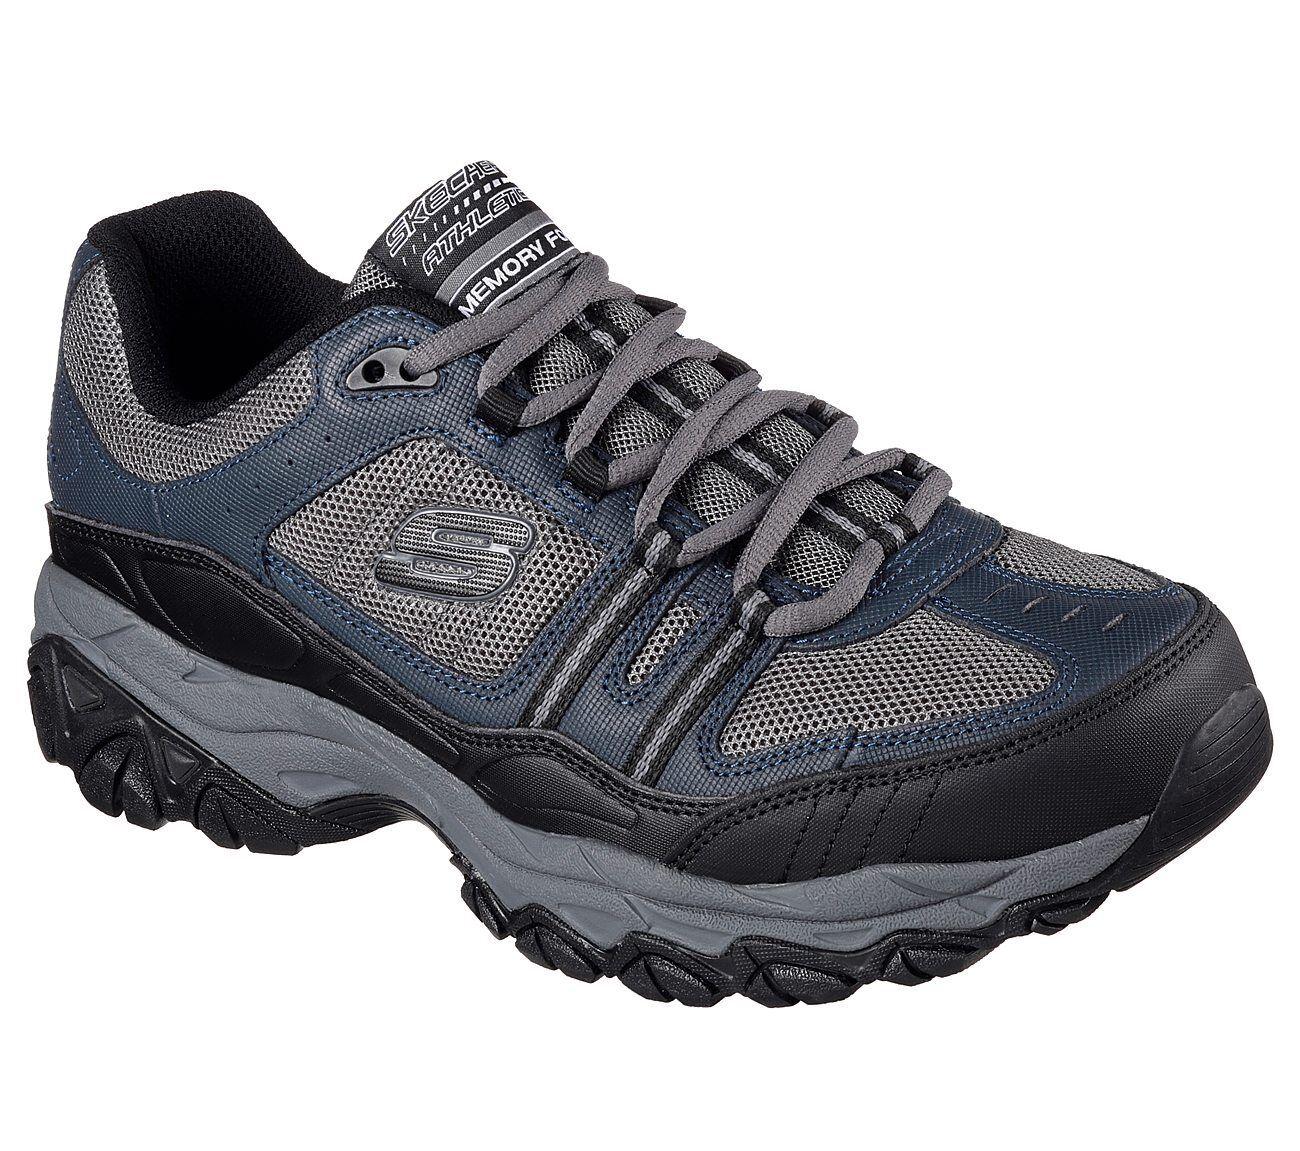 Skechers Navy EWW 4E Wide Width shoes Men Memory Foam Sporty Train Comfort 50124